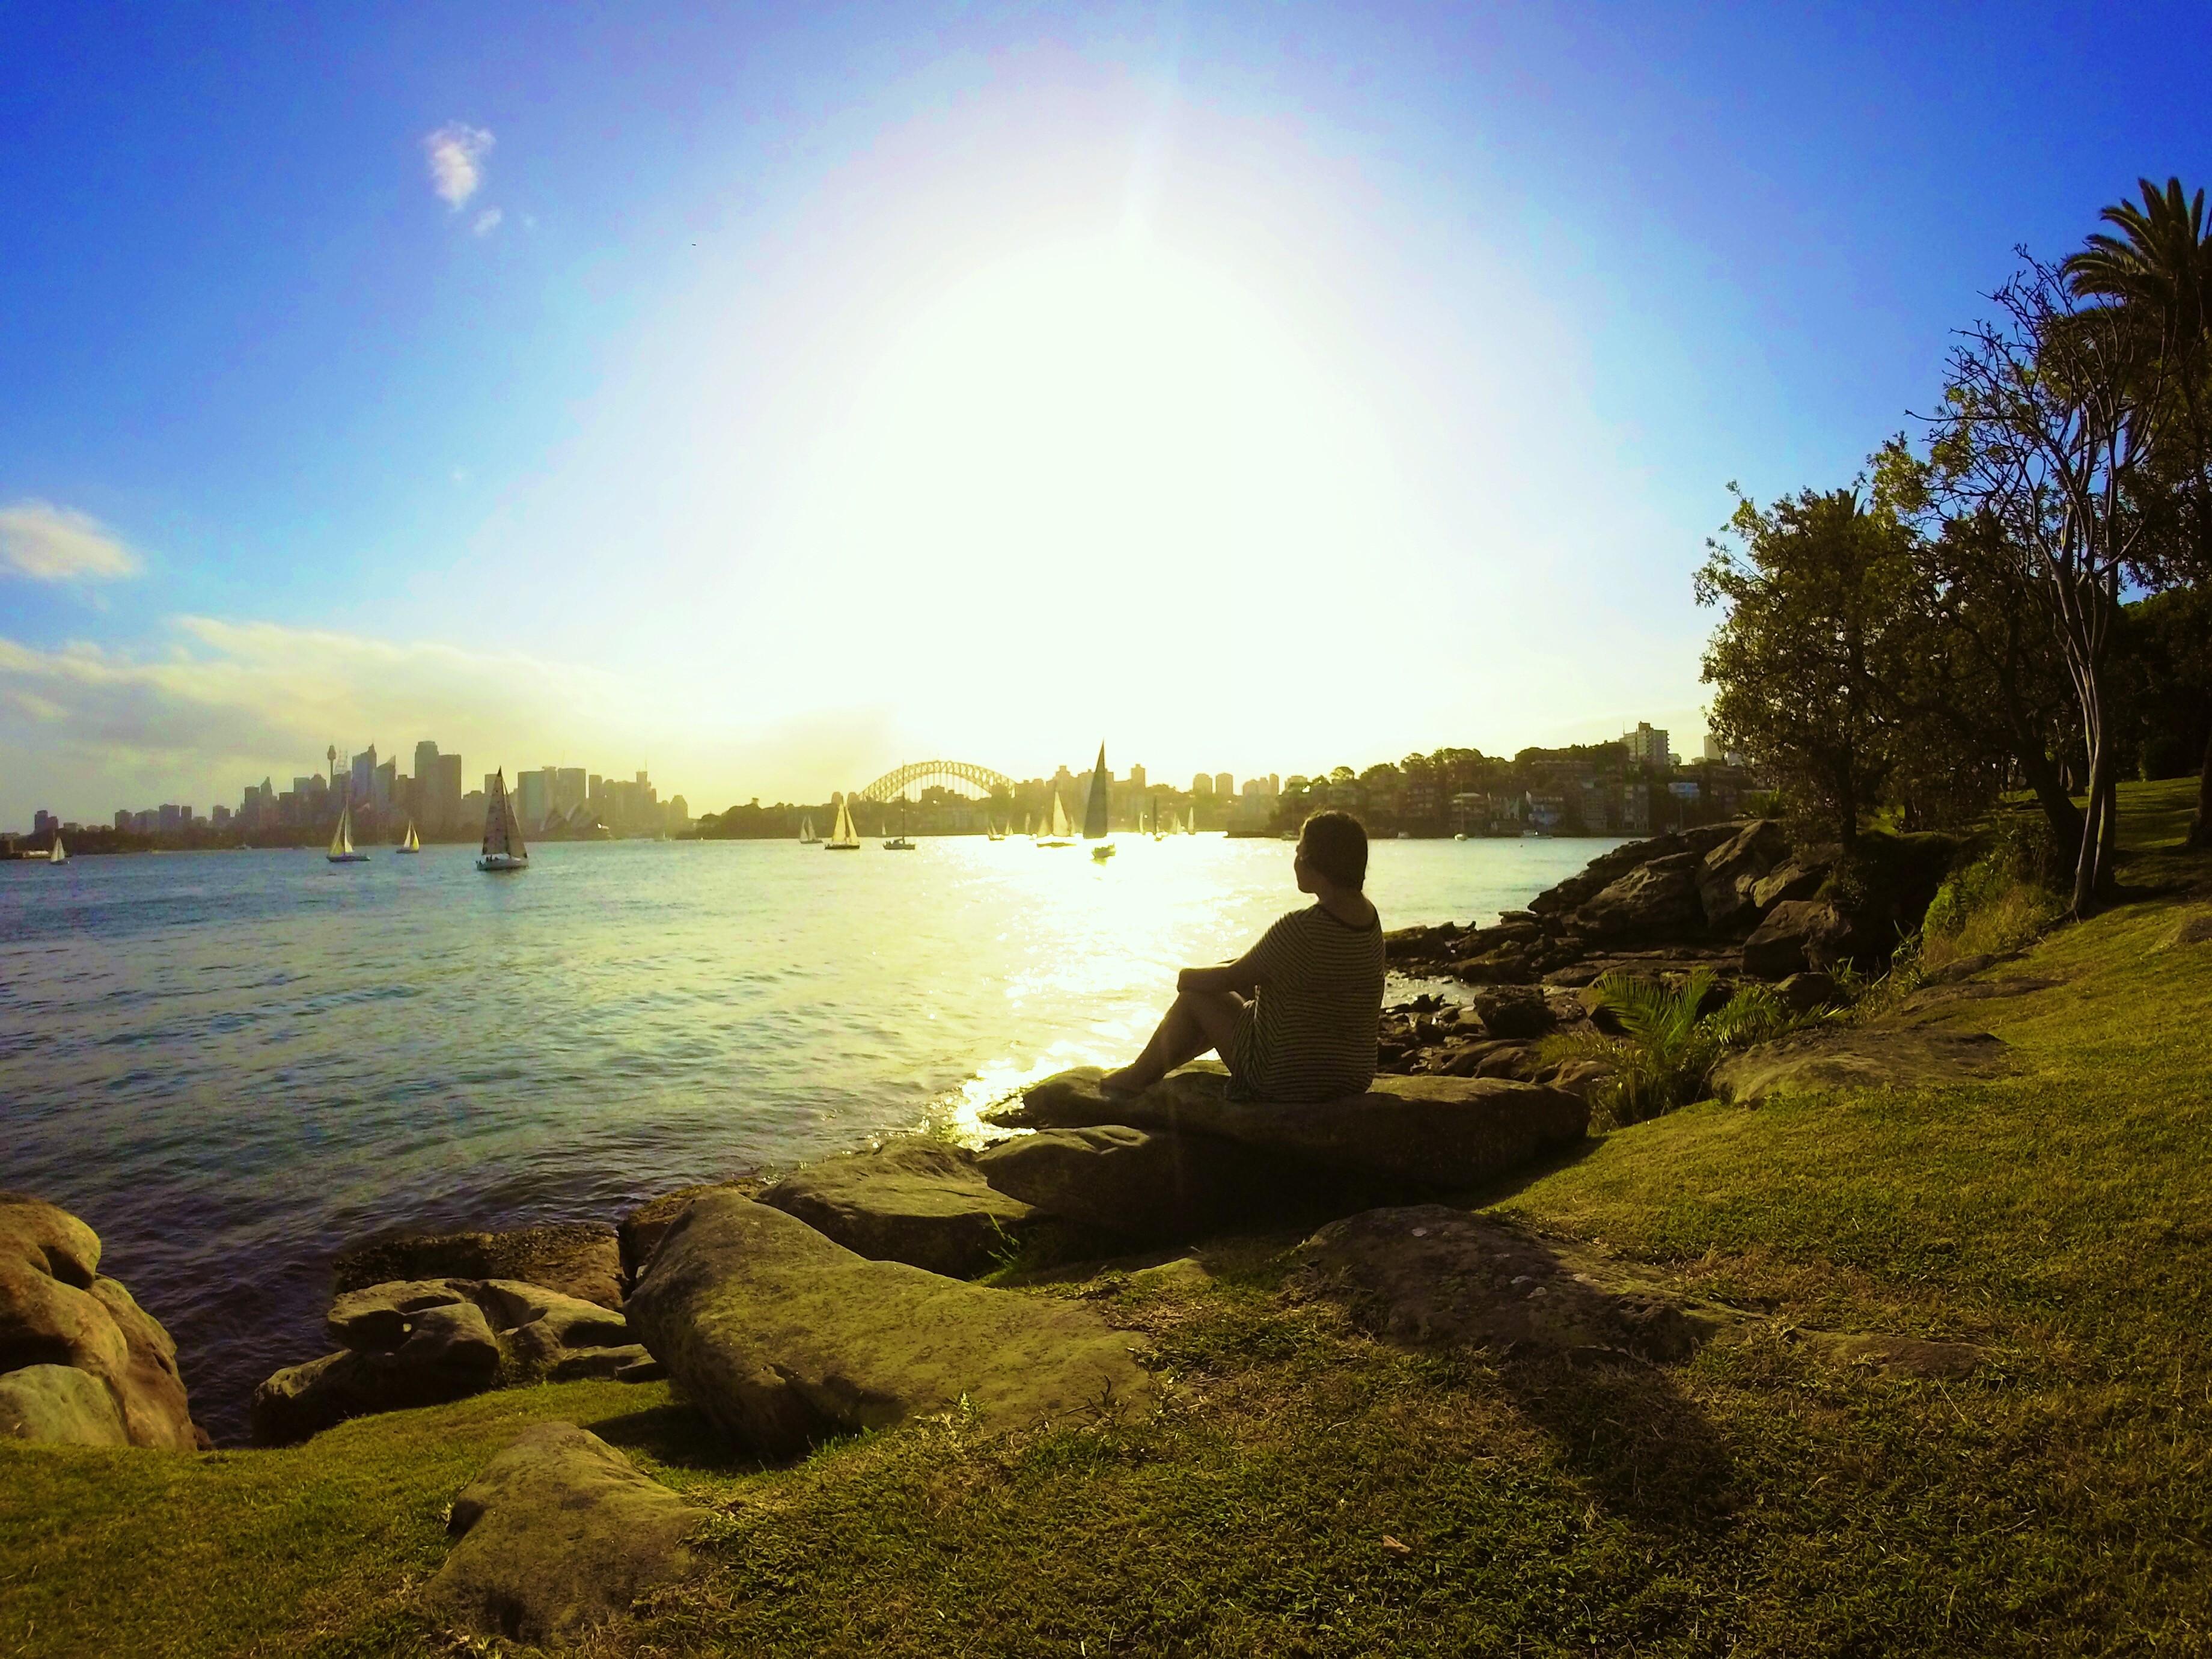 CAPAStudyAbroad_Sydney_Fall2015_From_Lilibeth_Resendiz6.jpg